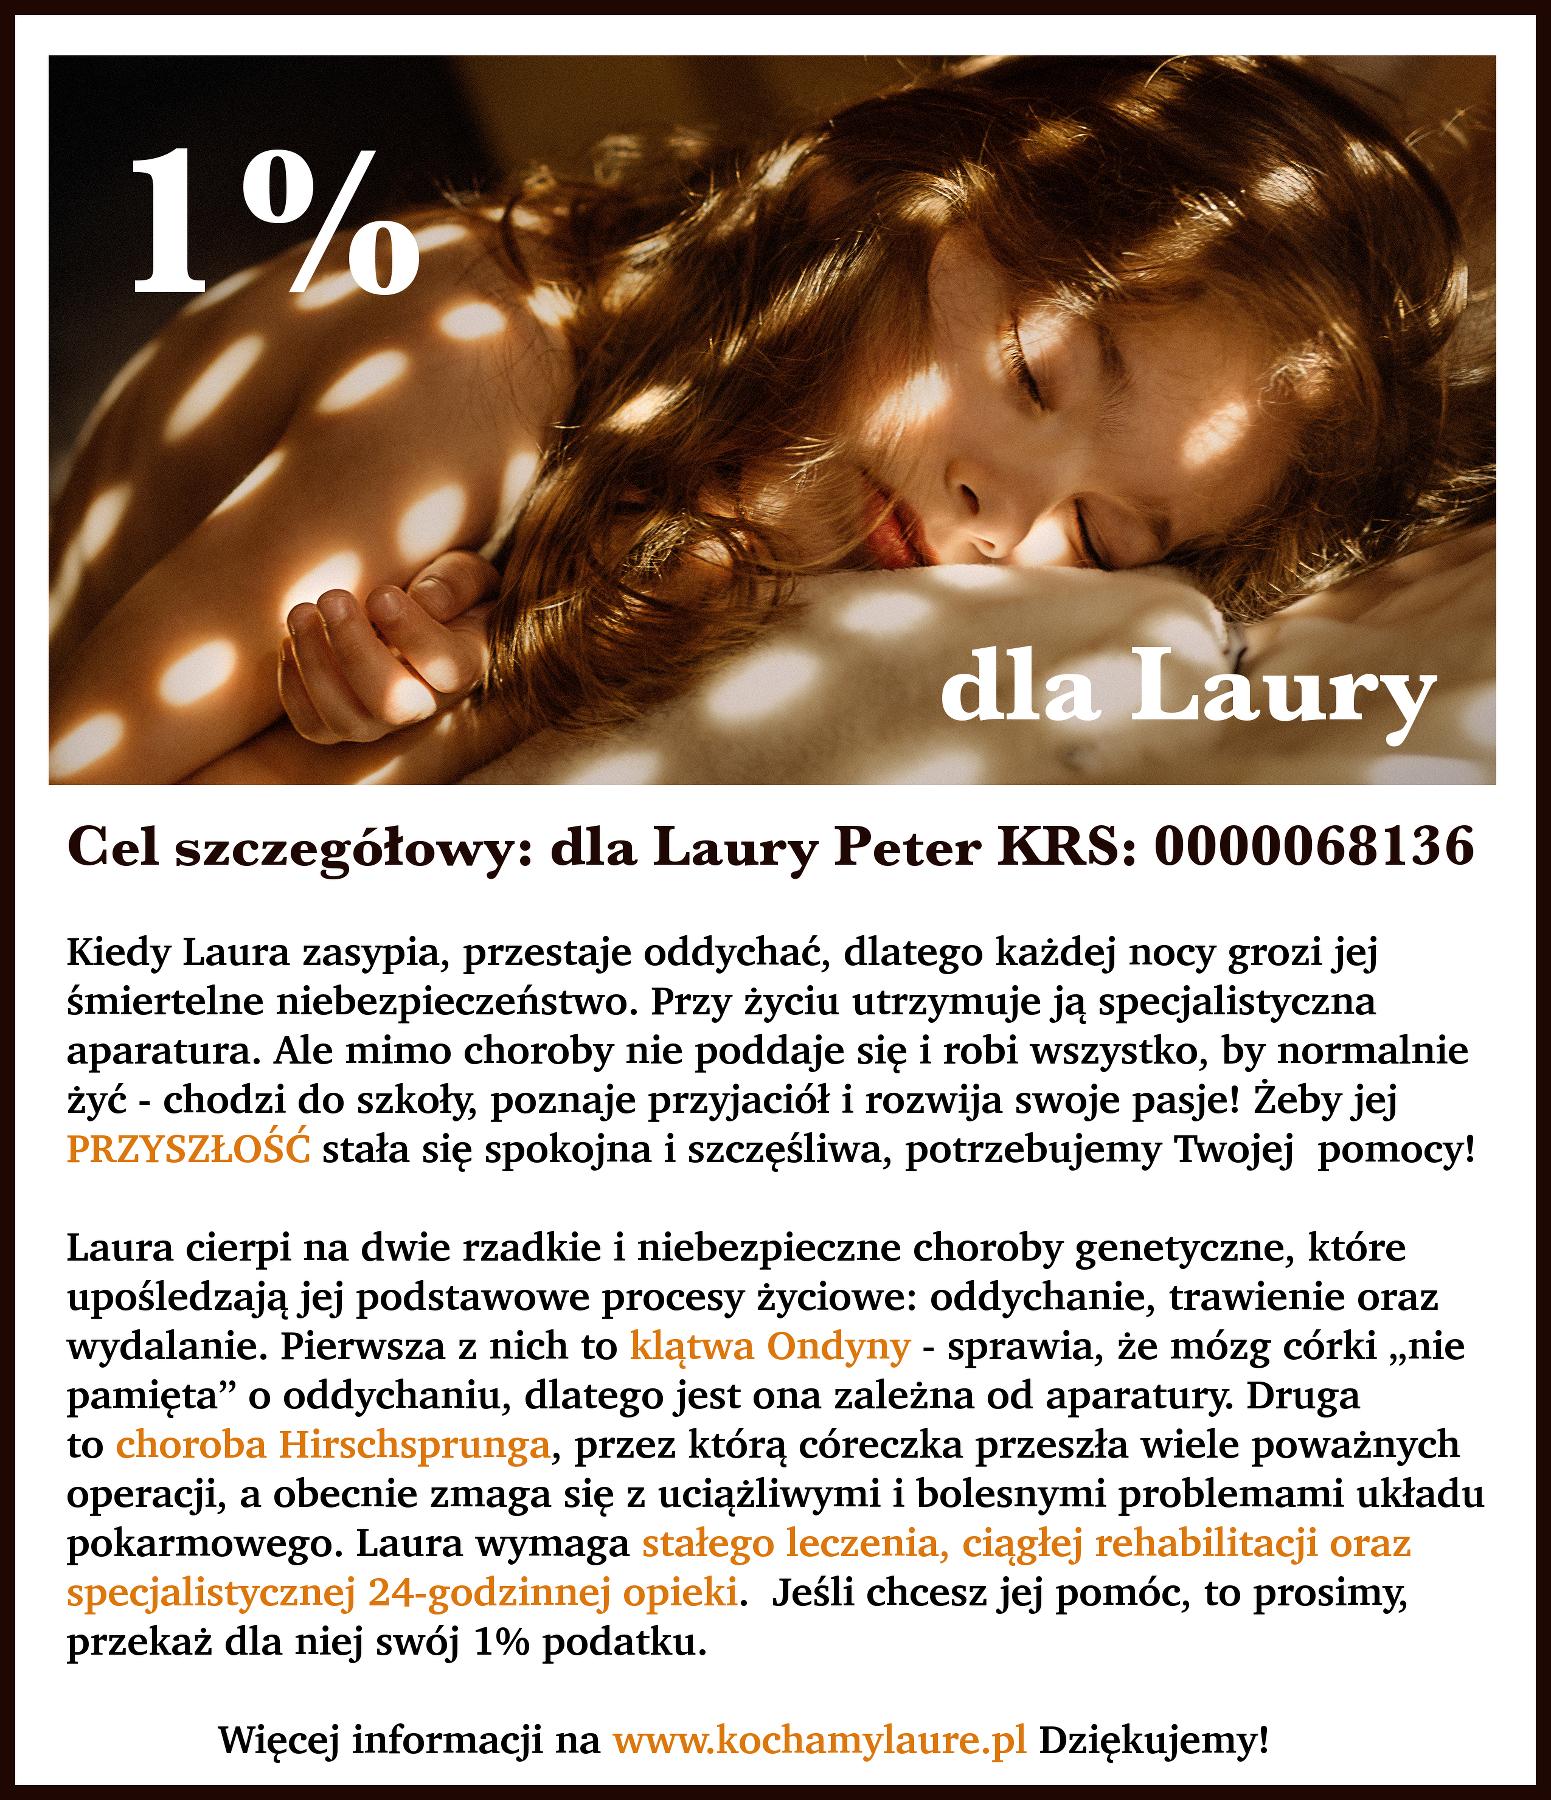 1 procent podatku dla Laury